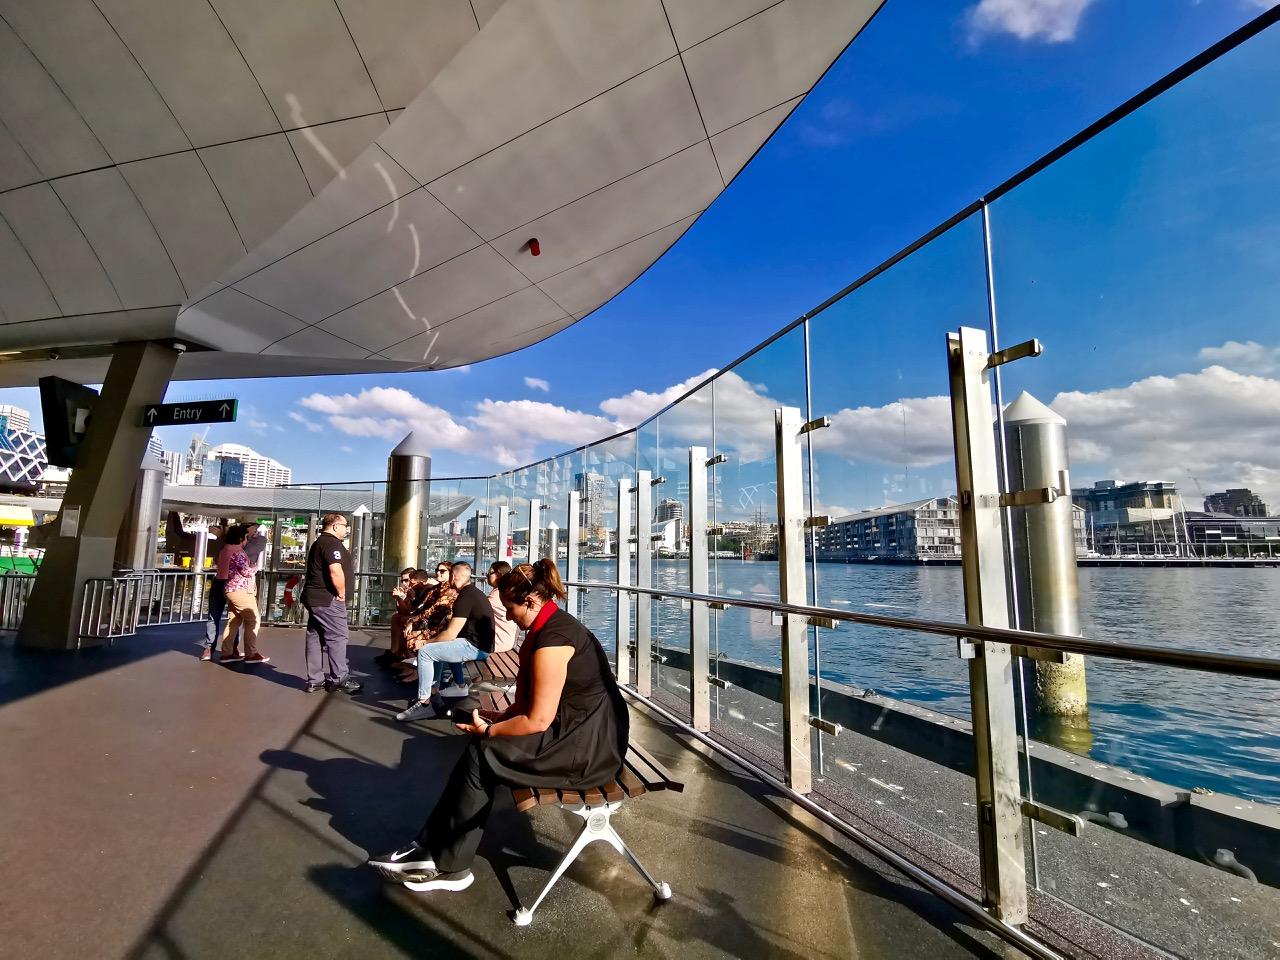 想要躲避北半球酷热的夏天,这时候来悉尼准没错 酷热难耐,别骗我,哭笑不得,想要,躲避 第5张图片